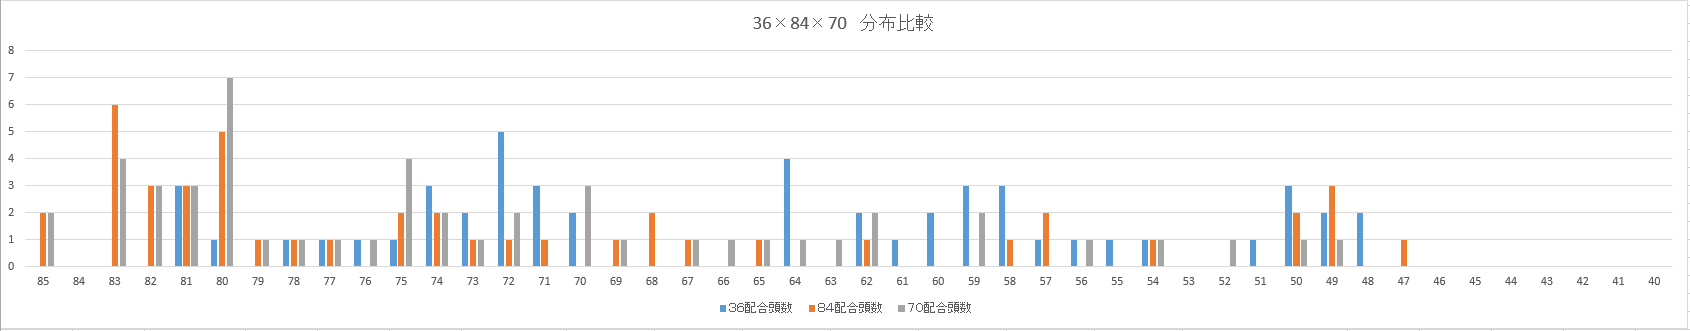 36・84・70分布比較